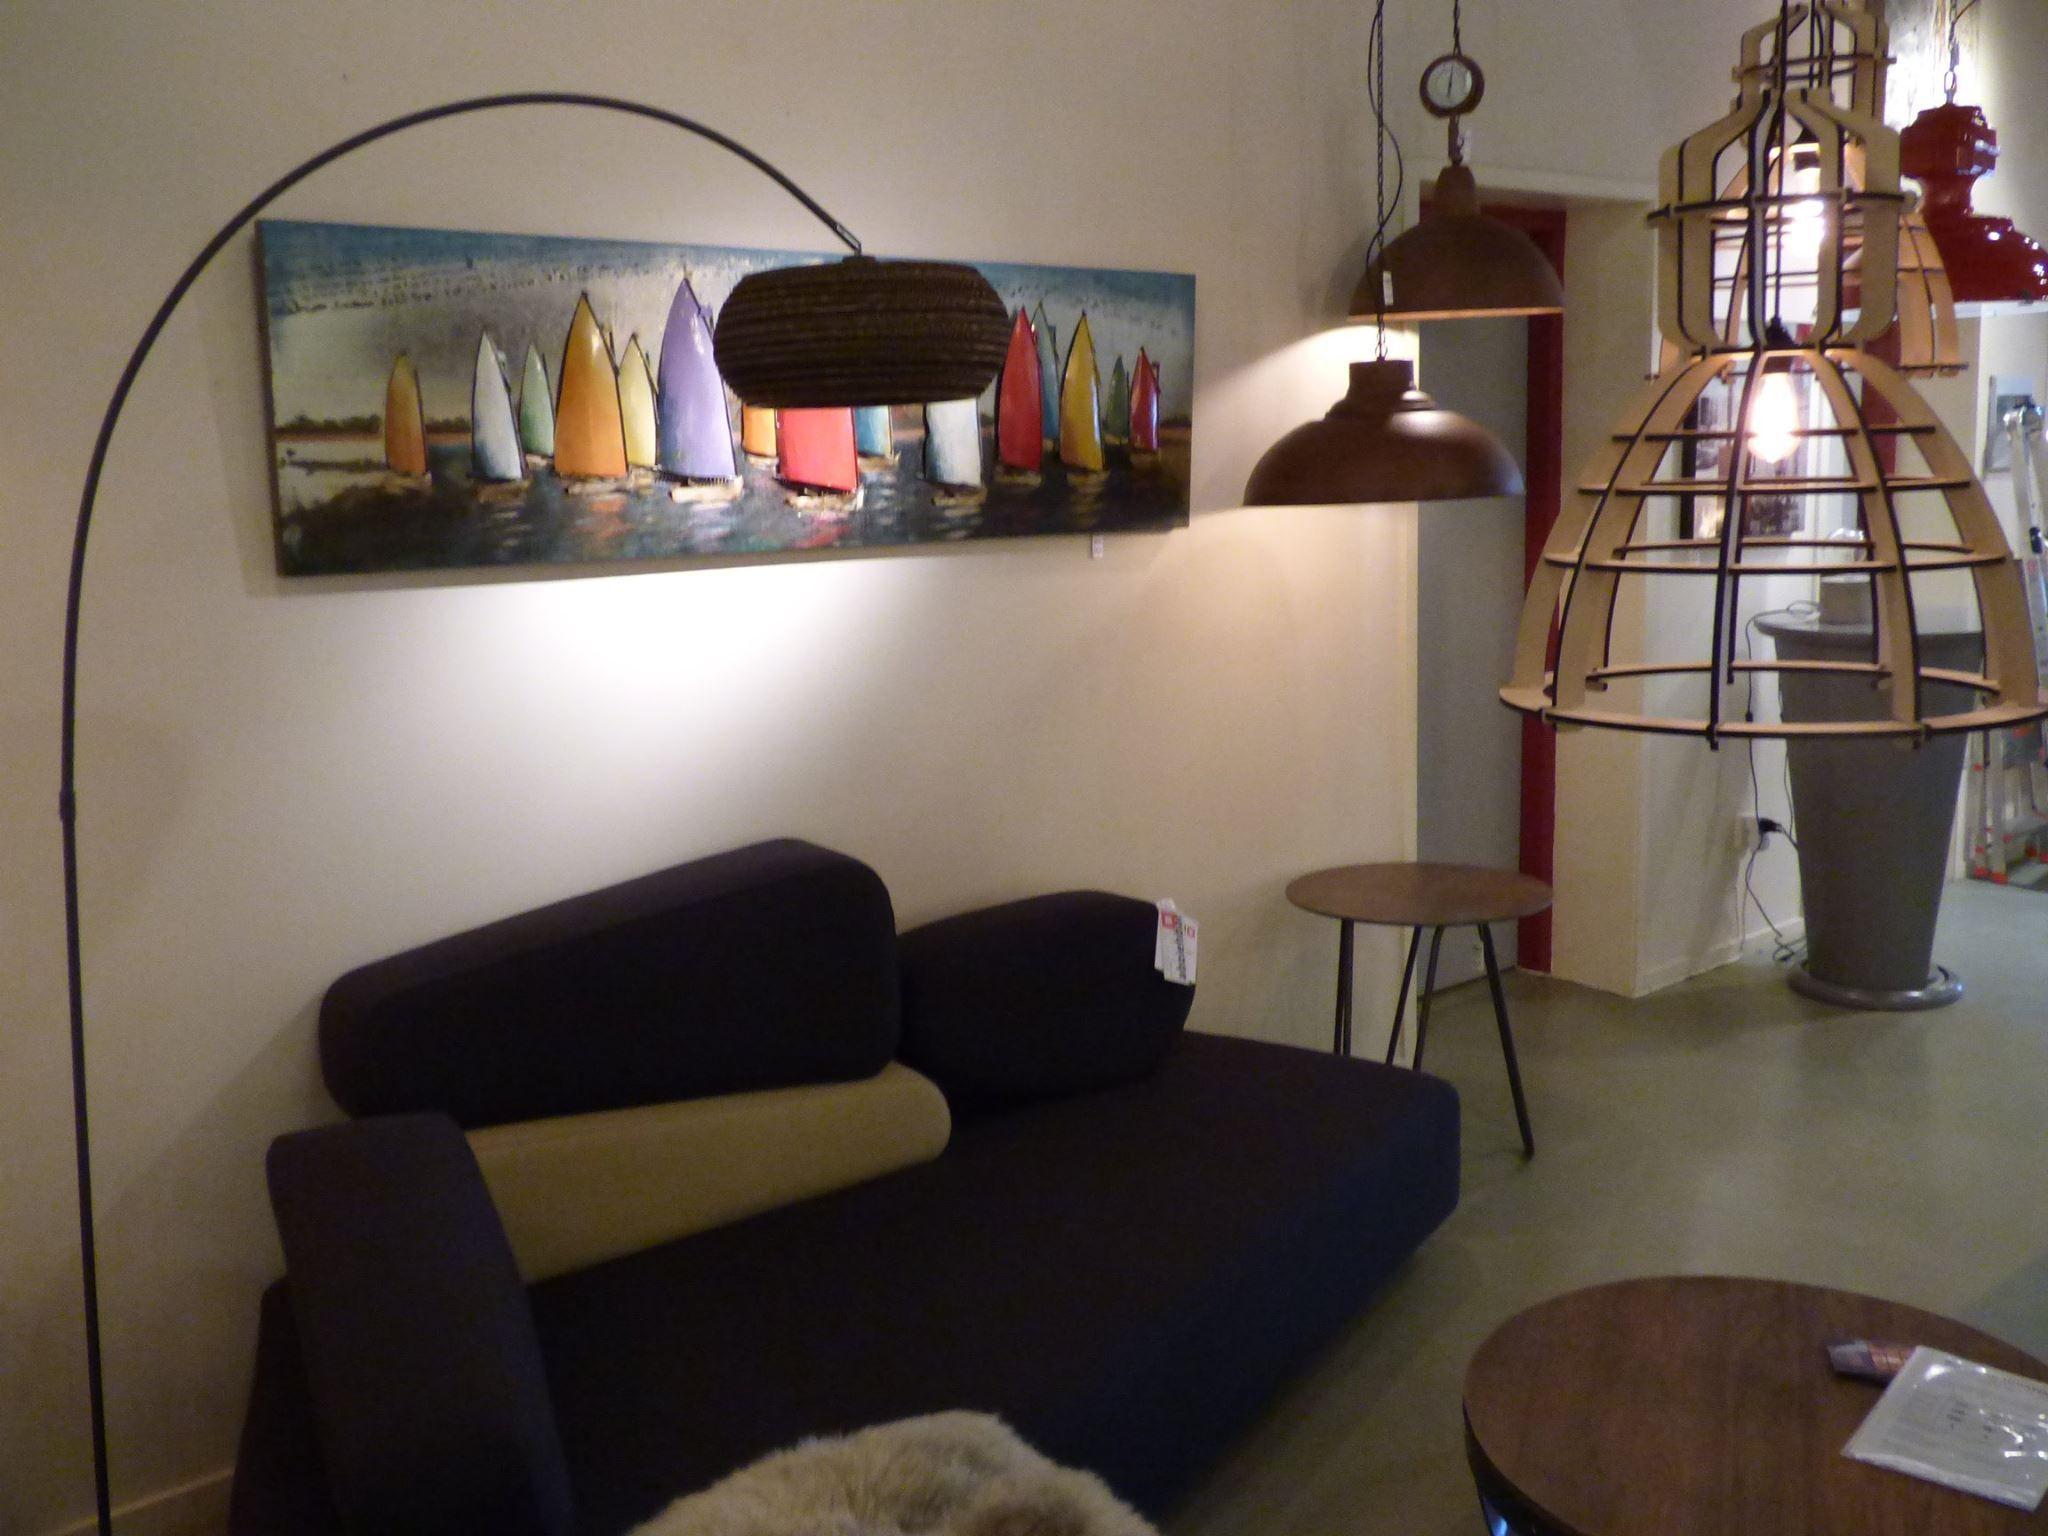 Belgium showroom winkel huisdecoratie interieur verlichting